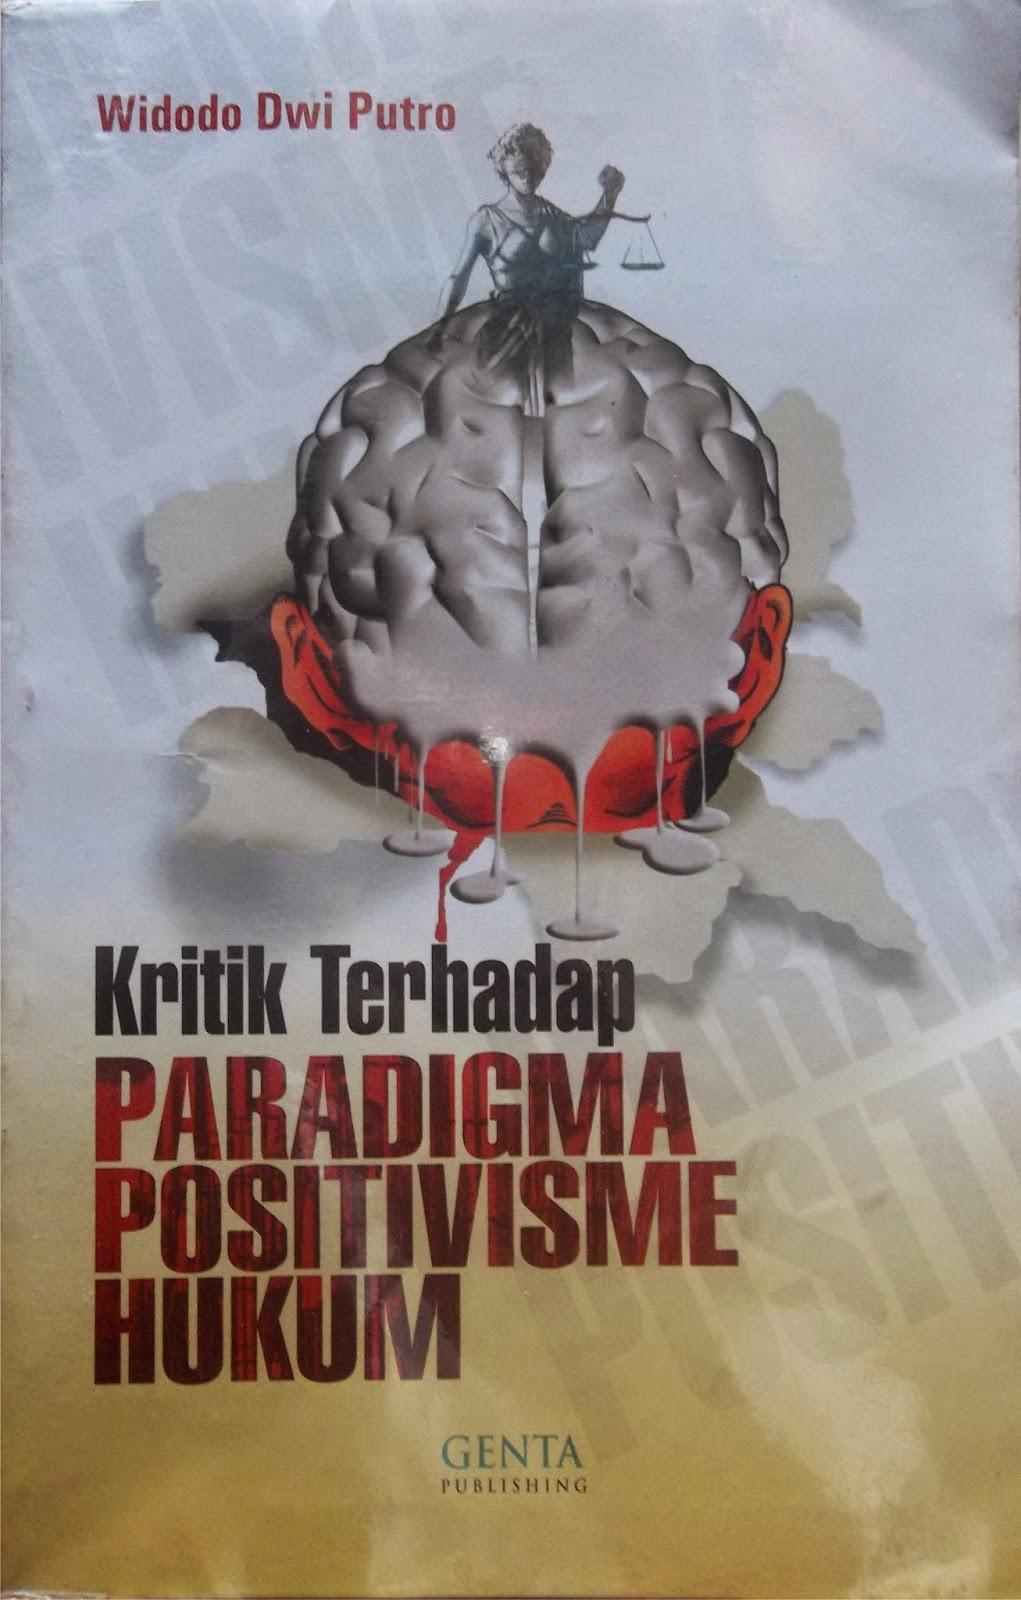 Kririk Terhadap Paradigma Positivisme Hukum